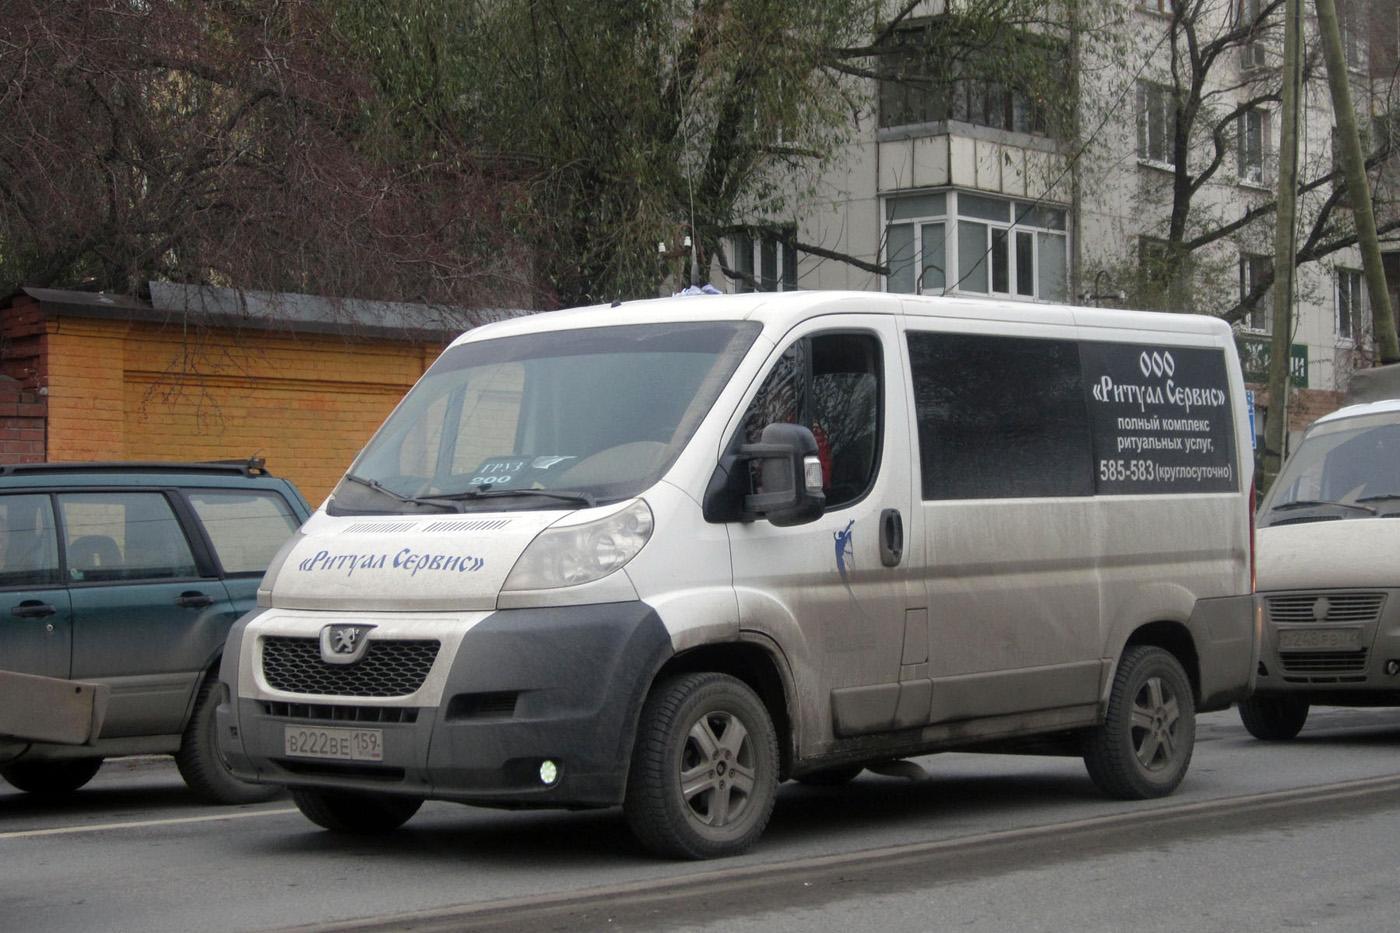 Микроавтобус ритуальной службы Peugeot Boxer #В 222 ВЕ 159. Тюмень, улица Челюскинцев